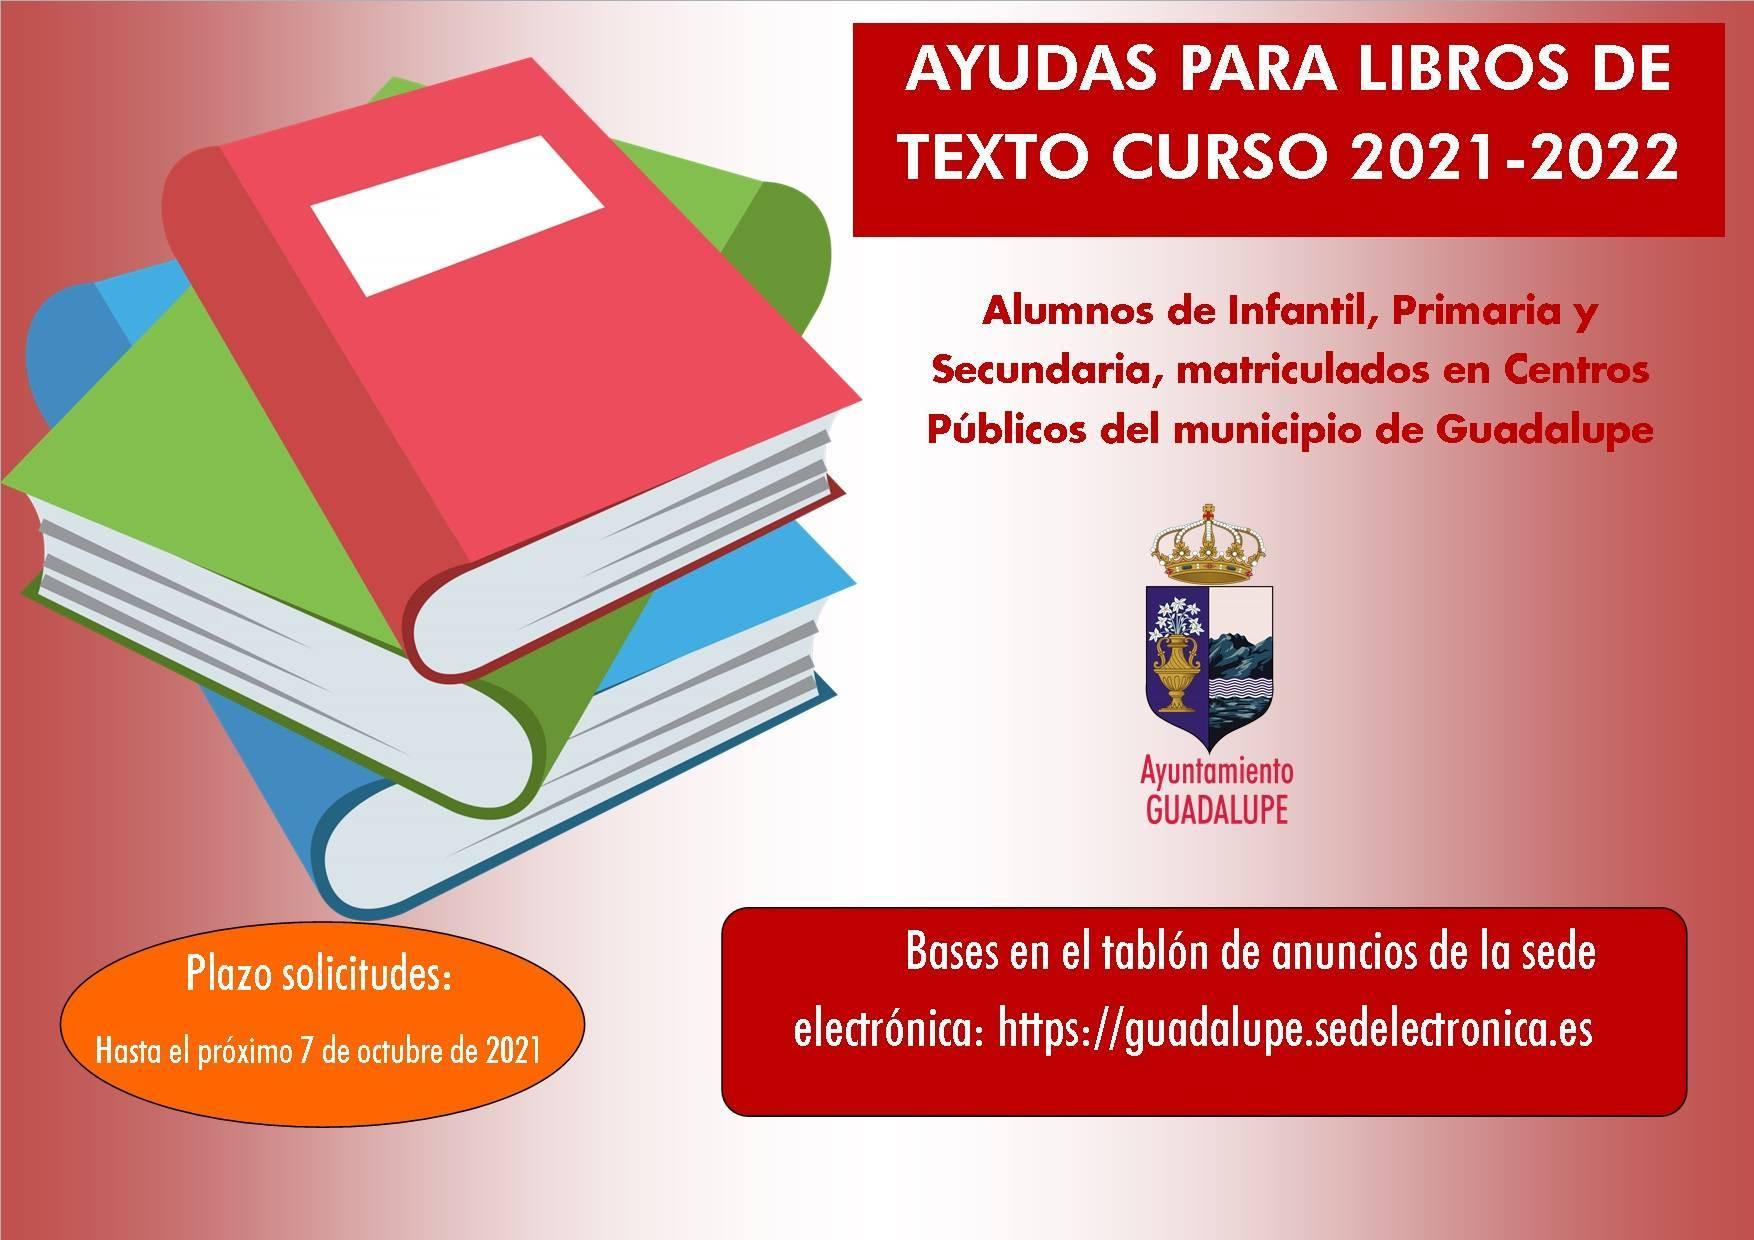 Ayudas para libros de texto curso 2021-2022 - Guadalupe (Cáceres) 1